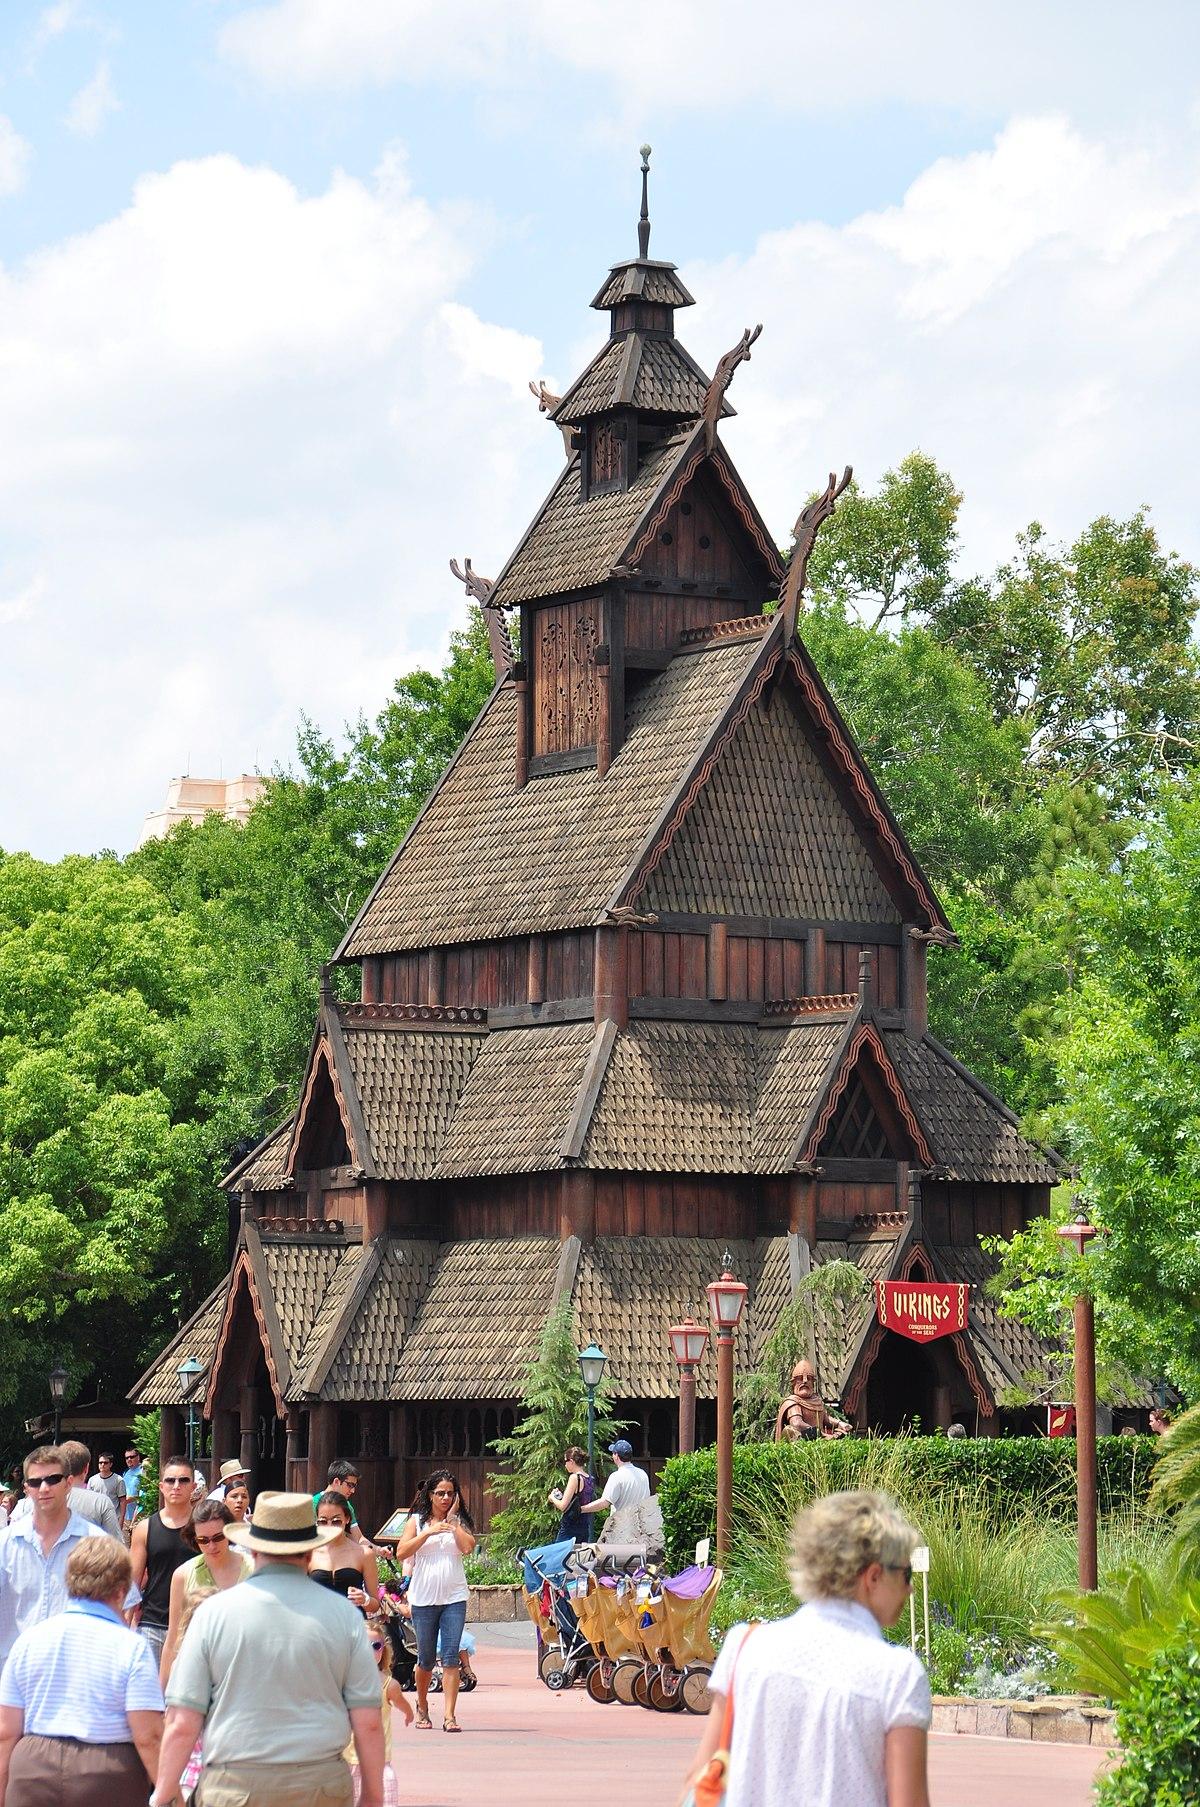 3b40fc98 Norway Pavilion at Epcot - Wikipedia